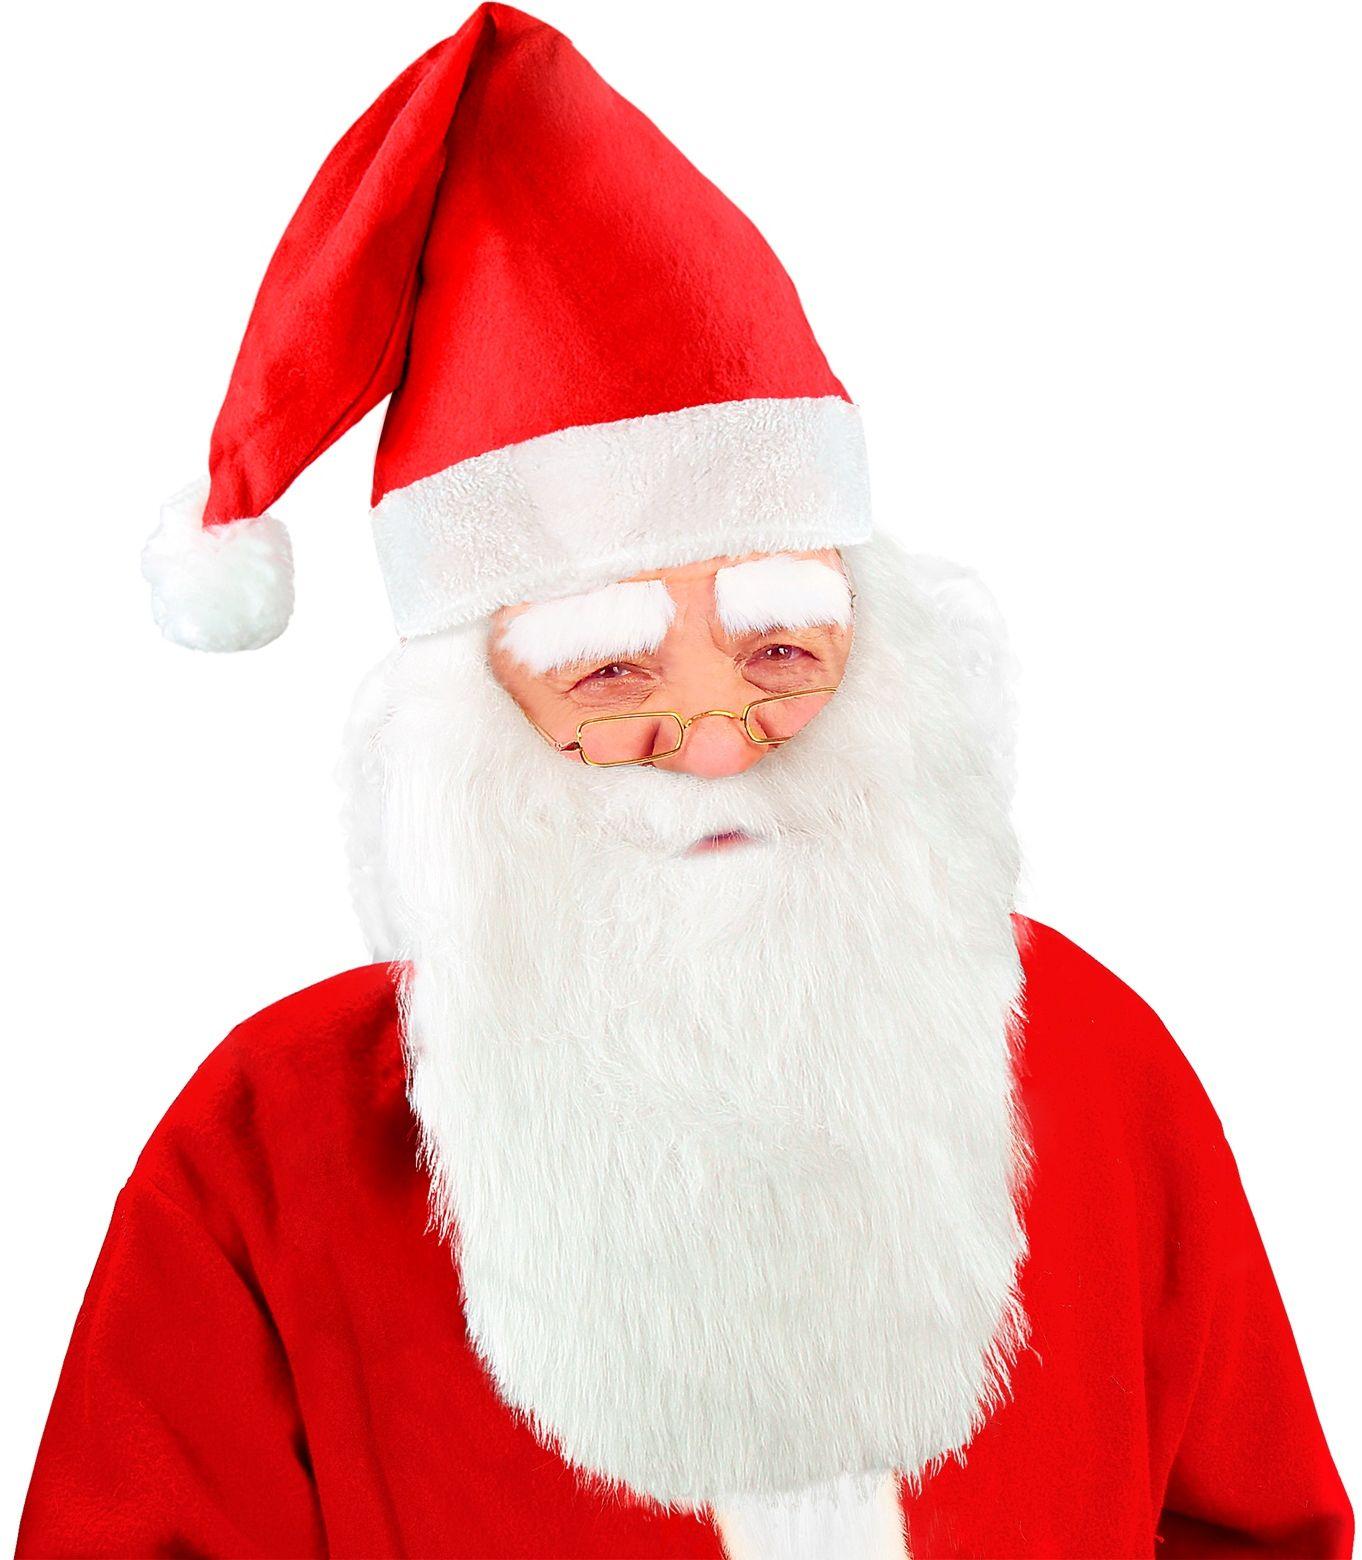 Rode kerstman muts met baard